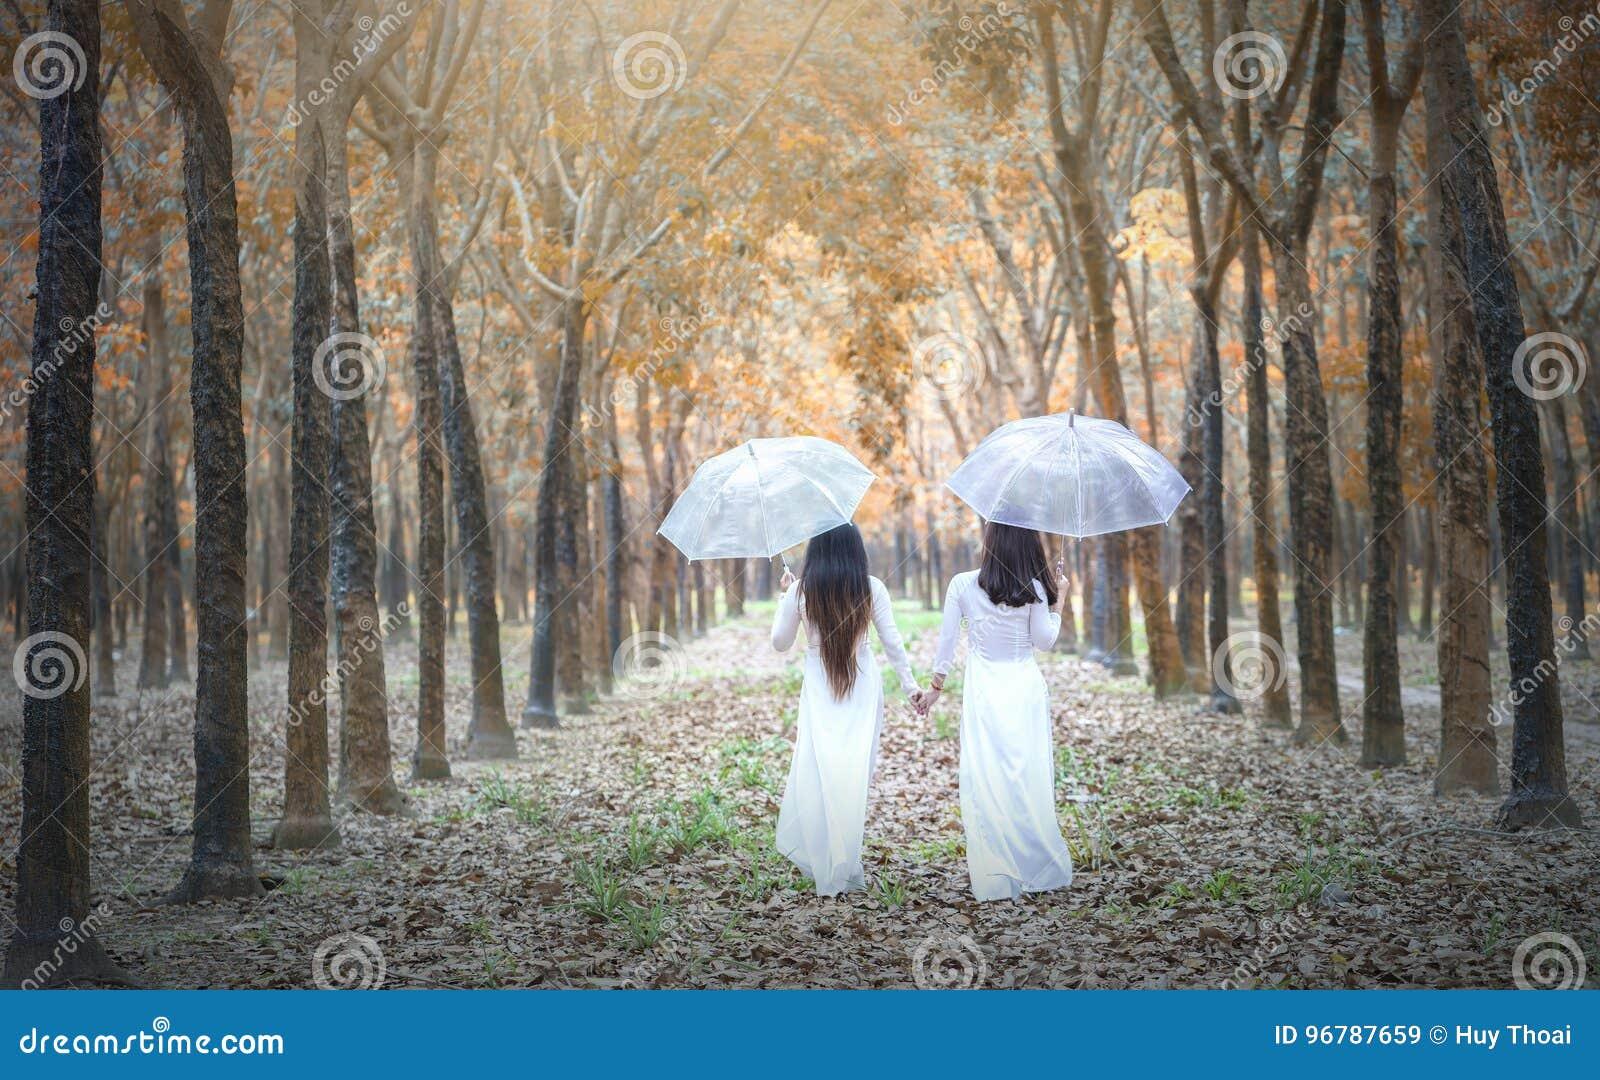 Gaat Vietnamees meisje twee in traditionele lange kleding of Ao Dai naar het eind van de weg in rubberbos